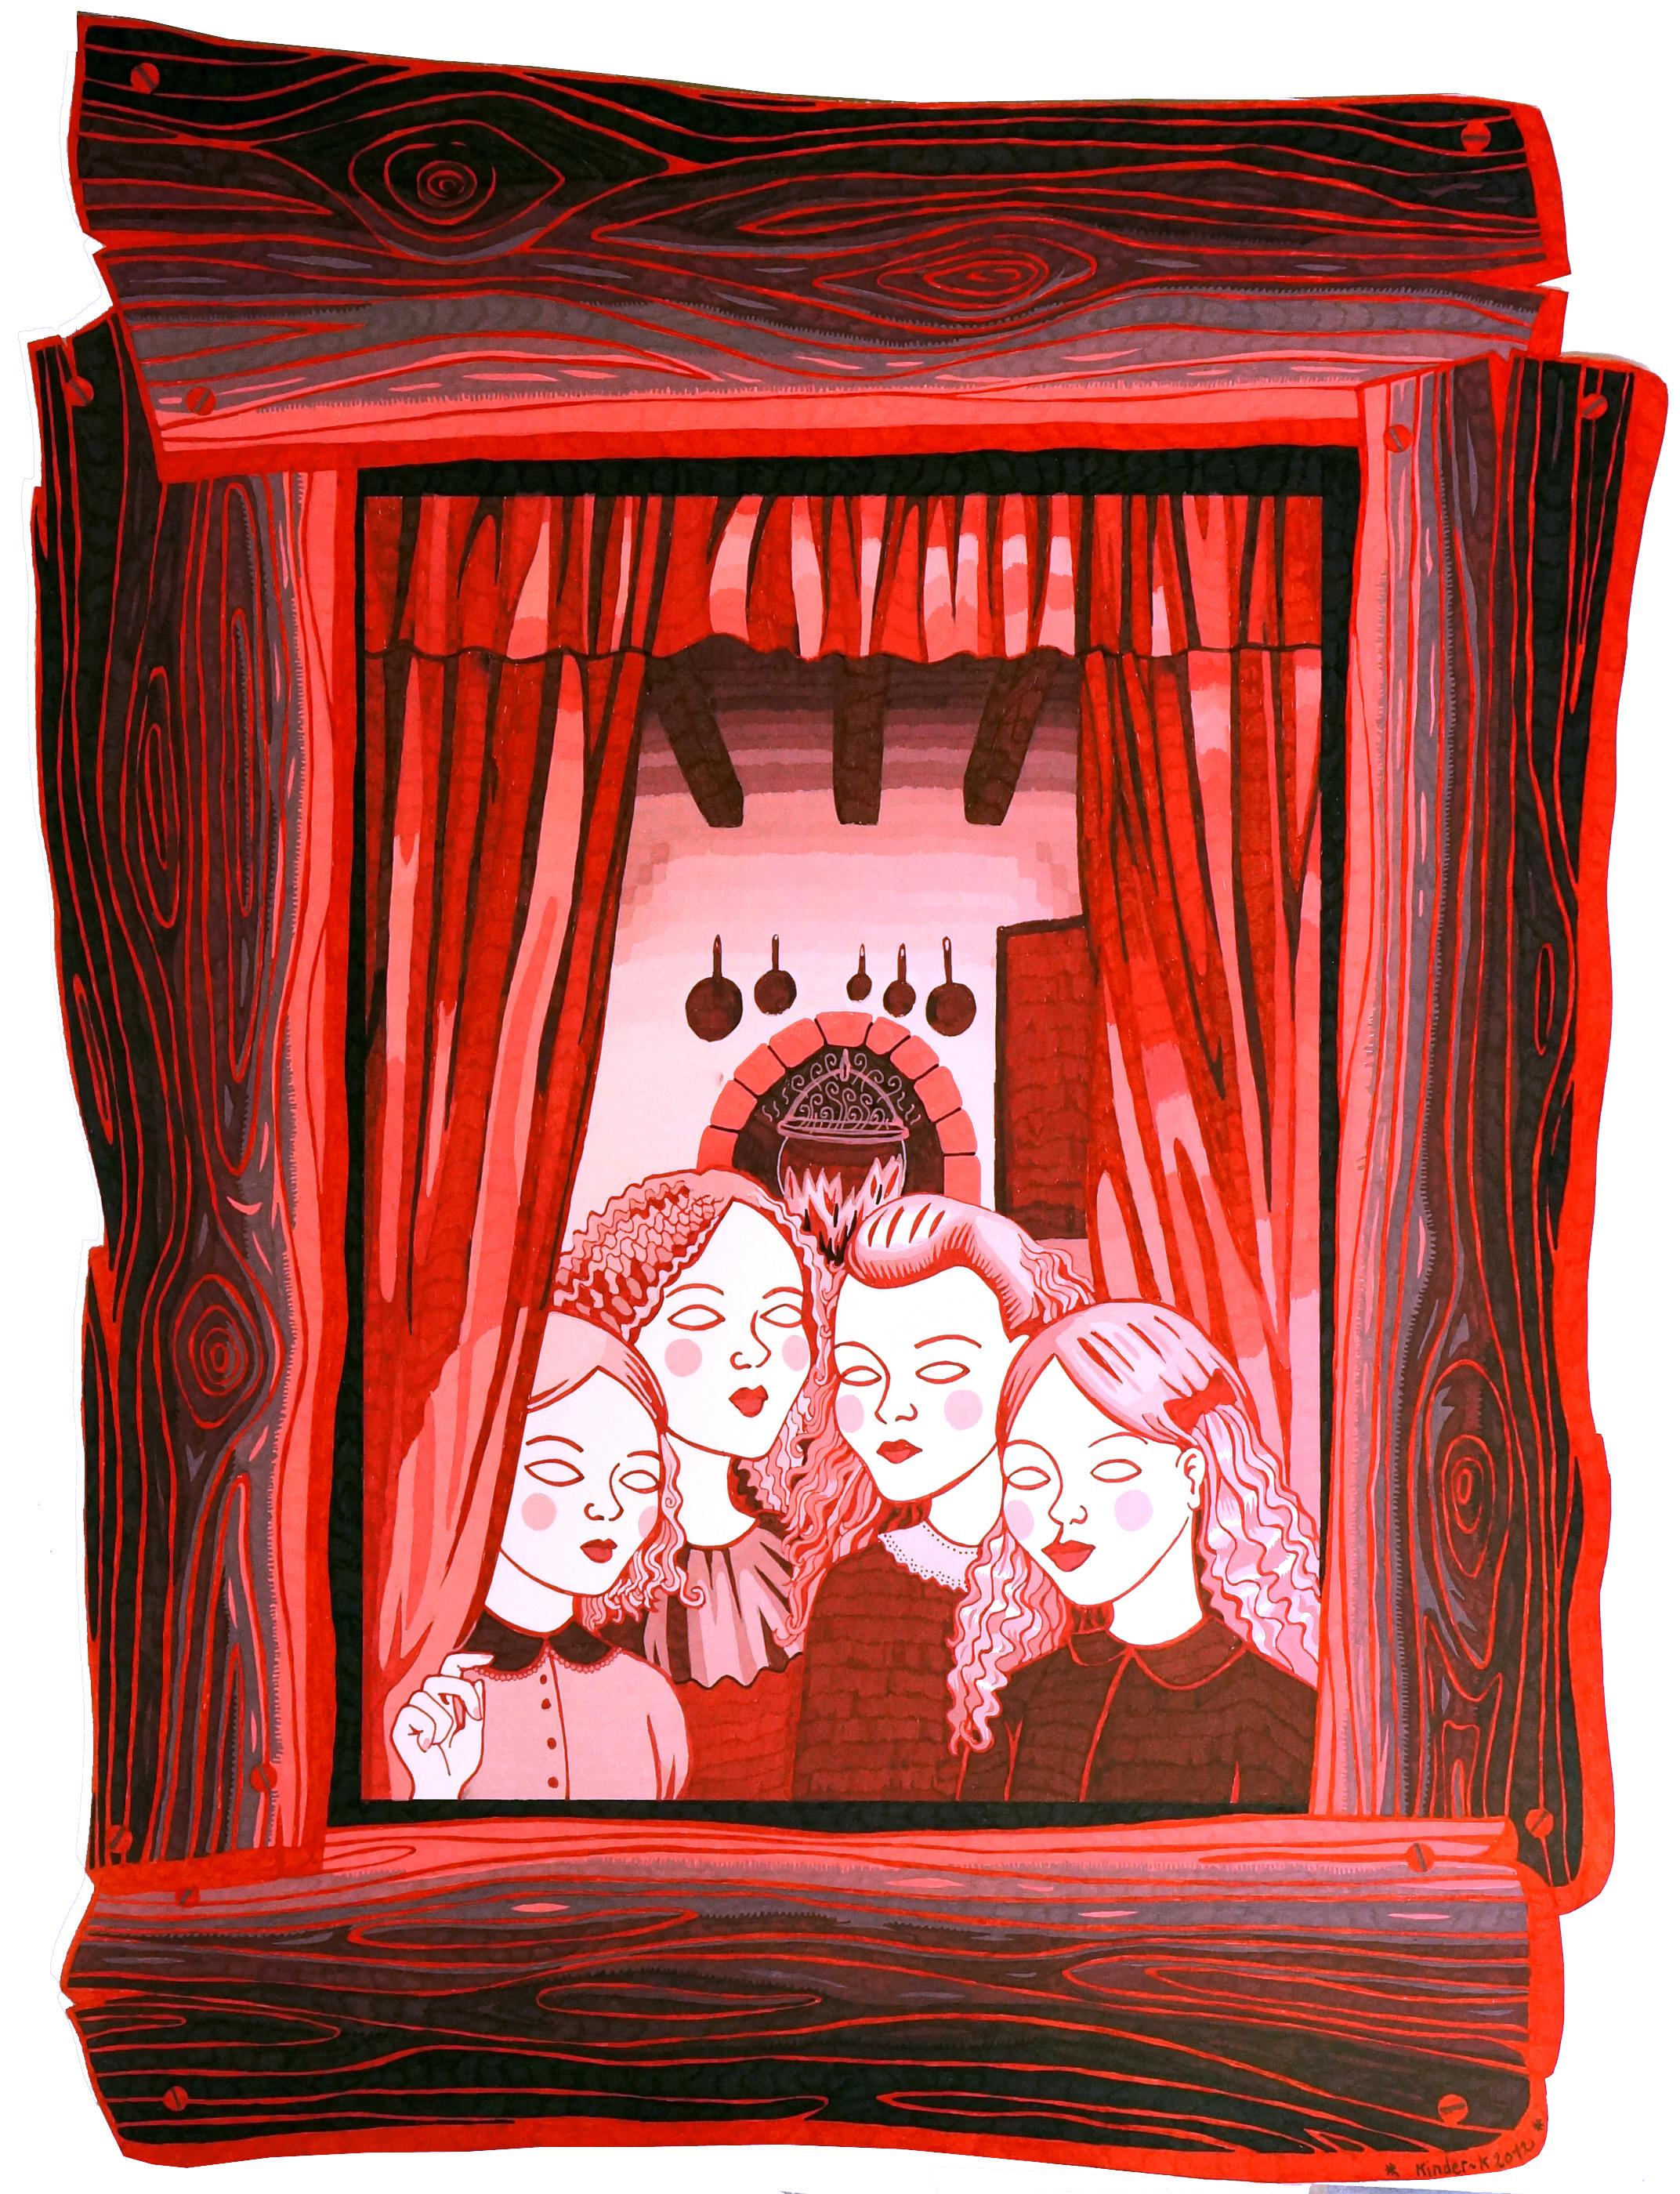 """PSYCHODRAME DANS LA CABANE /// """"Petites filles à la fenêtre"""" / Encre sur papier / 70x50 cm / Kinder-k 2012"""